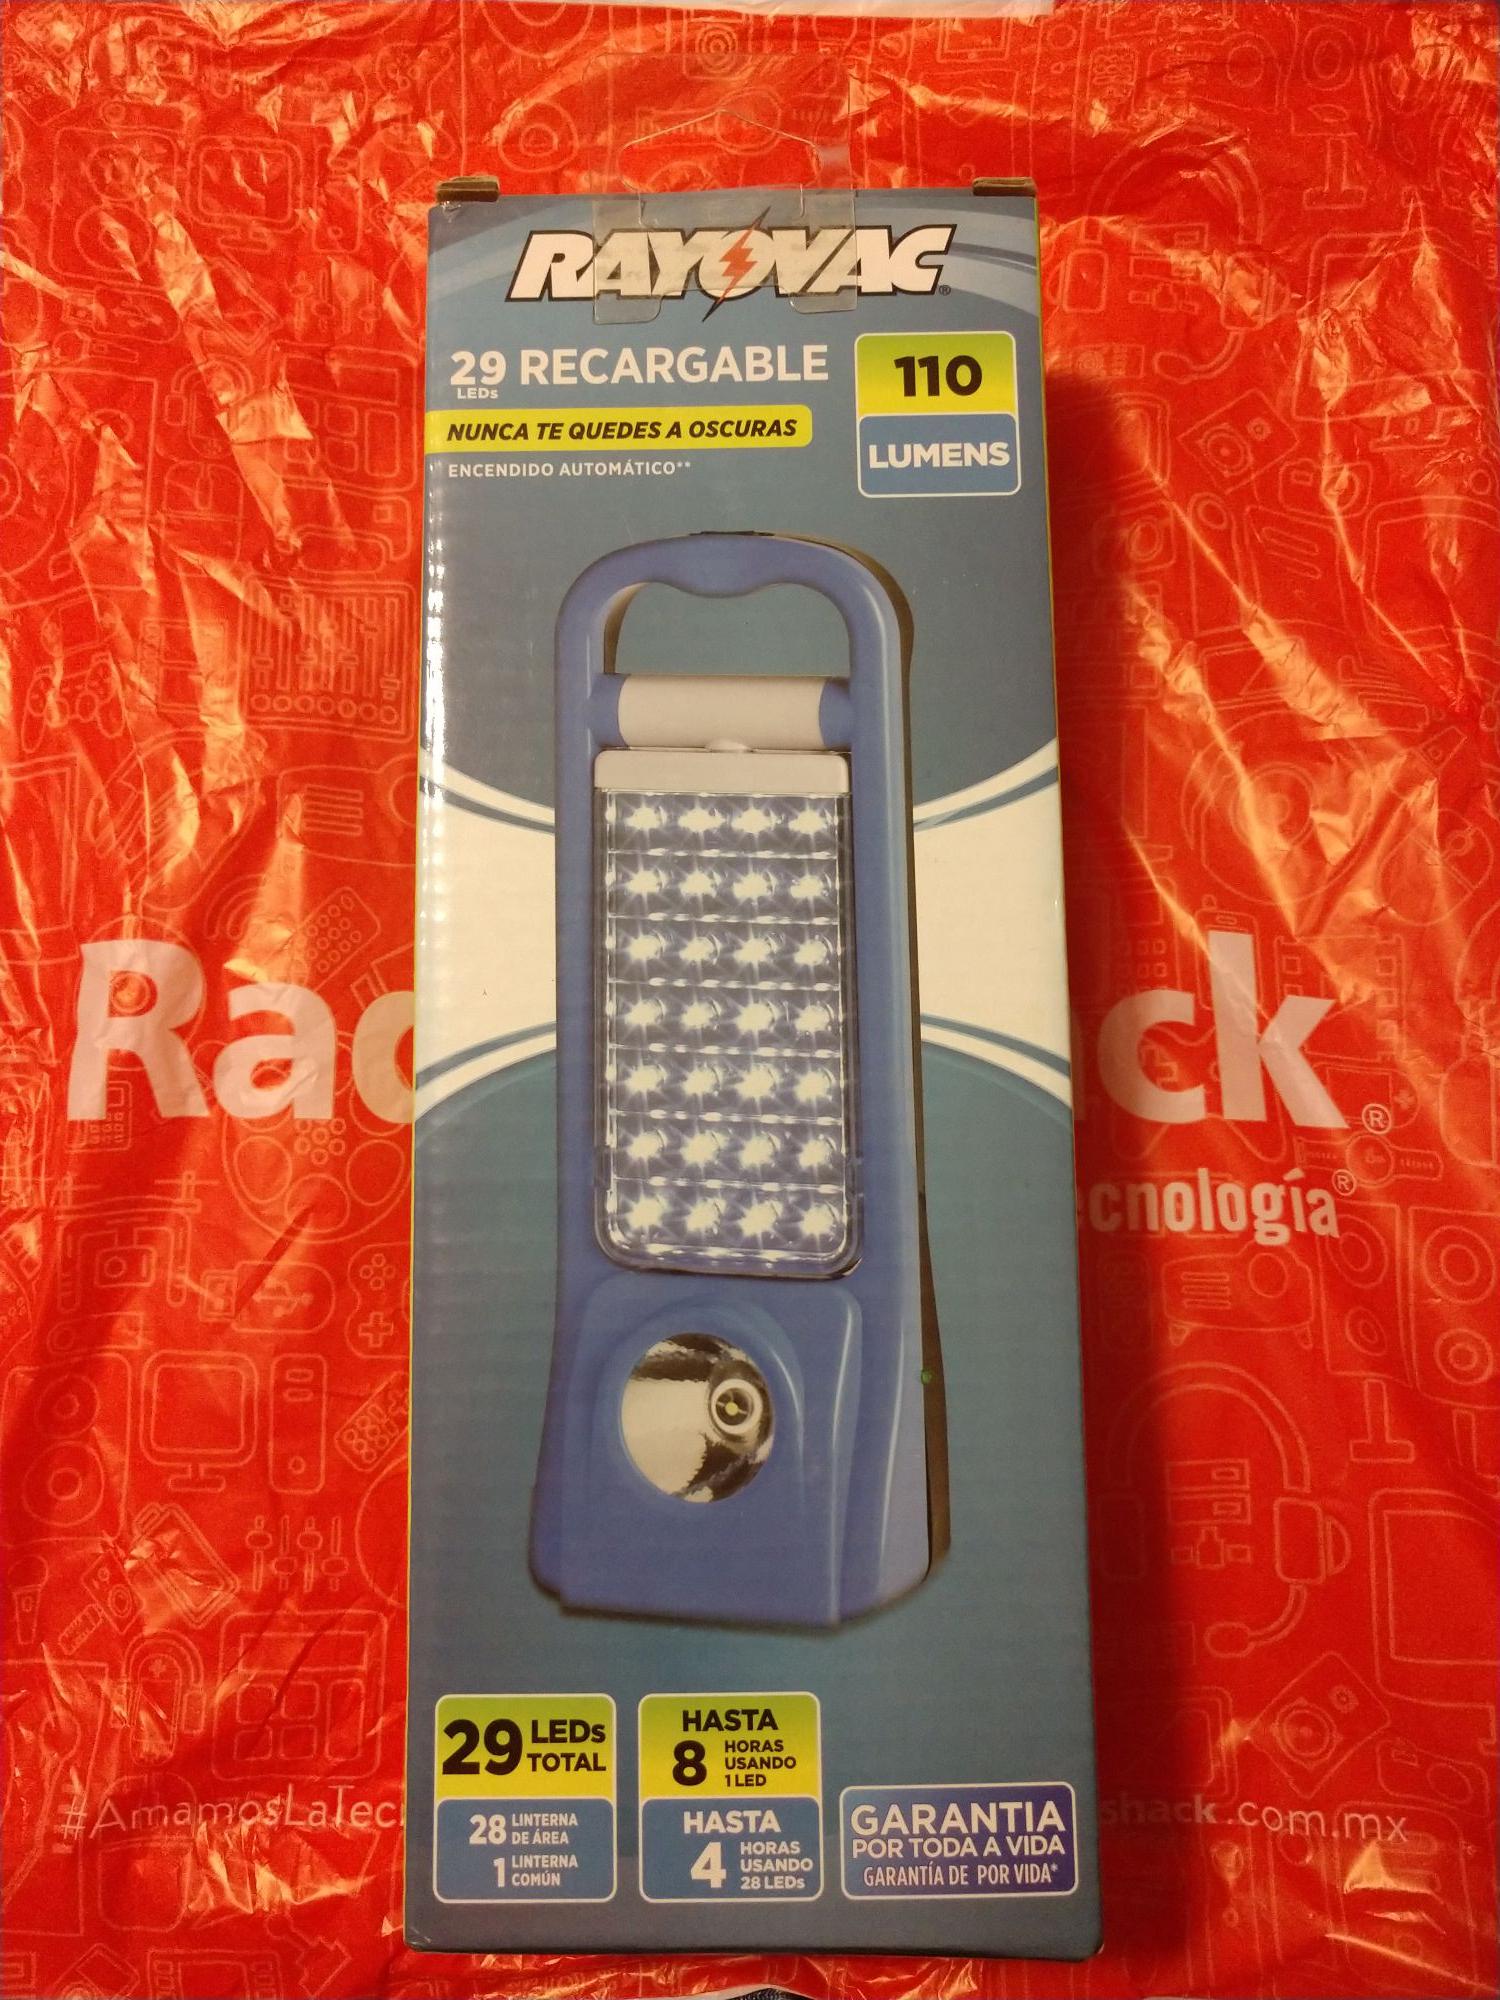 Radioshack: Linterna recargable de emergencia 29 LEDs RAYOVAC en liquidación $55.90